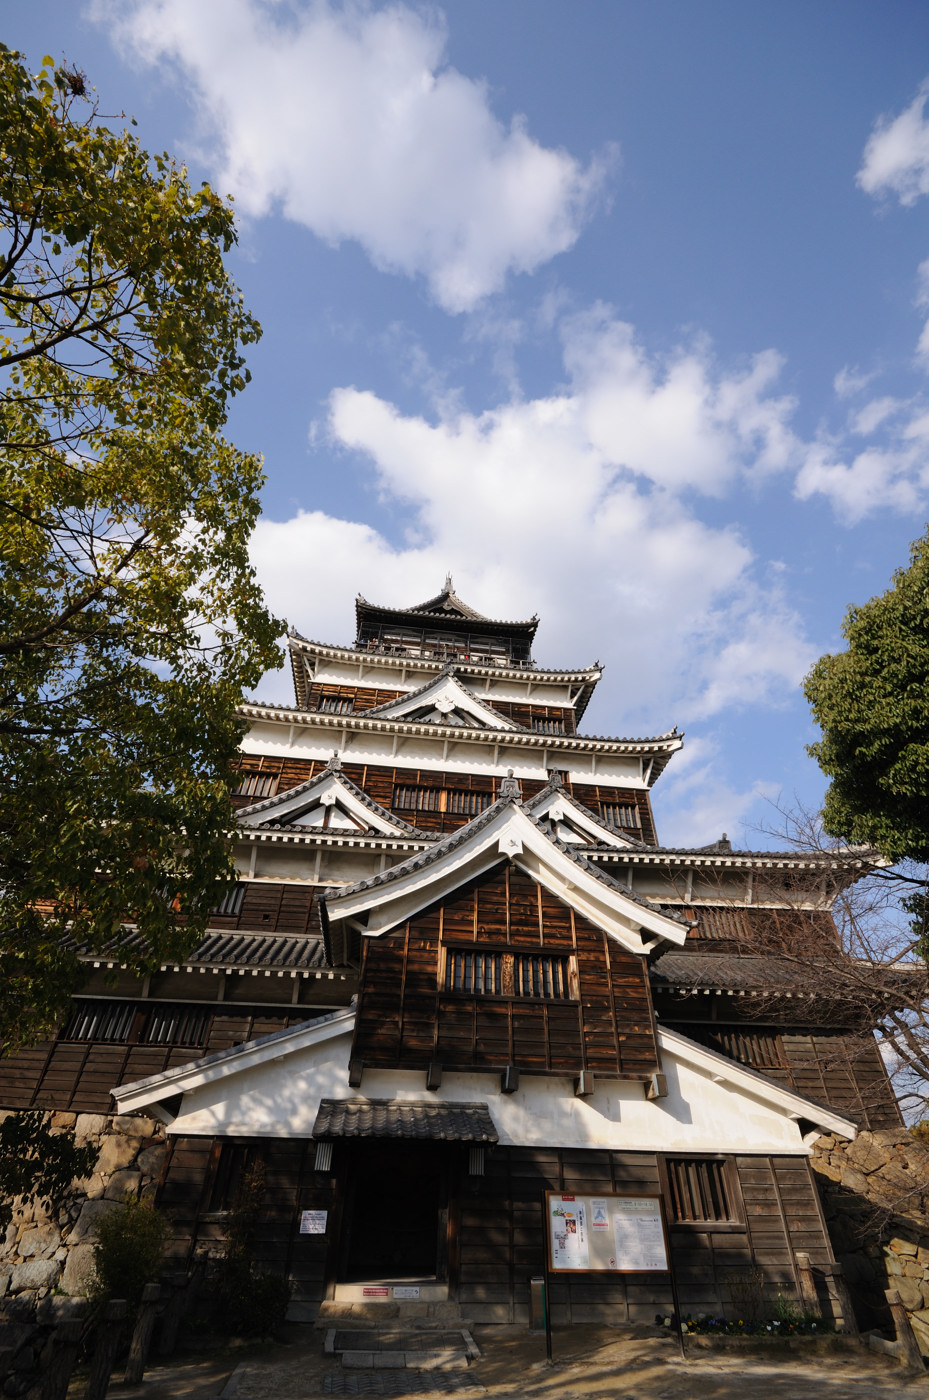 広角で広島城の天守閣その3